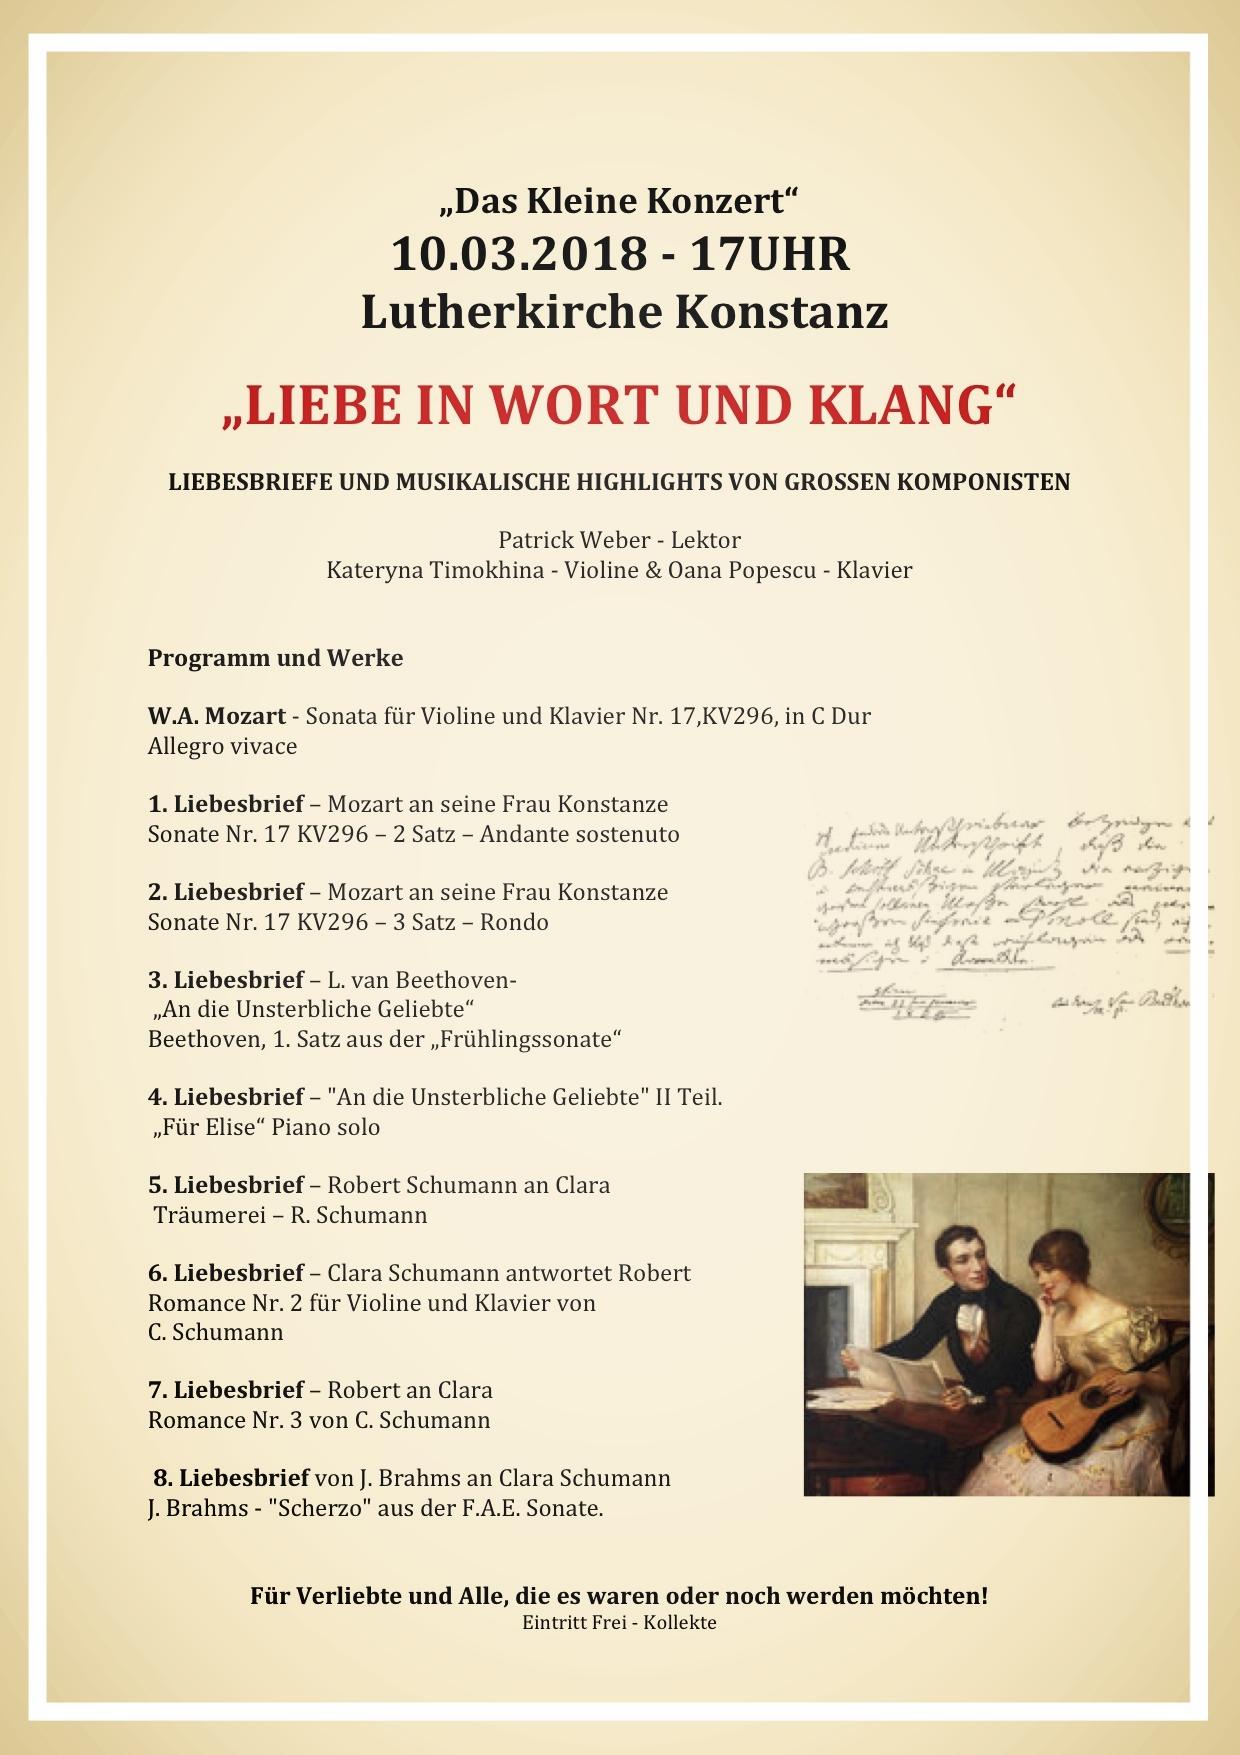 Das Kleine Konzert, Konstanz 10.3.2018 Lutherkirche